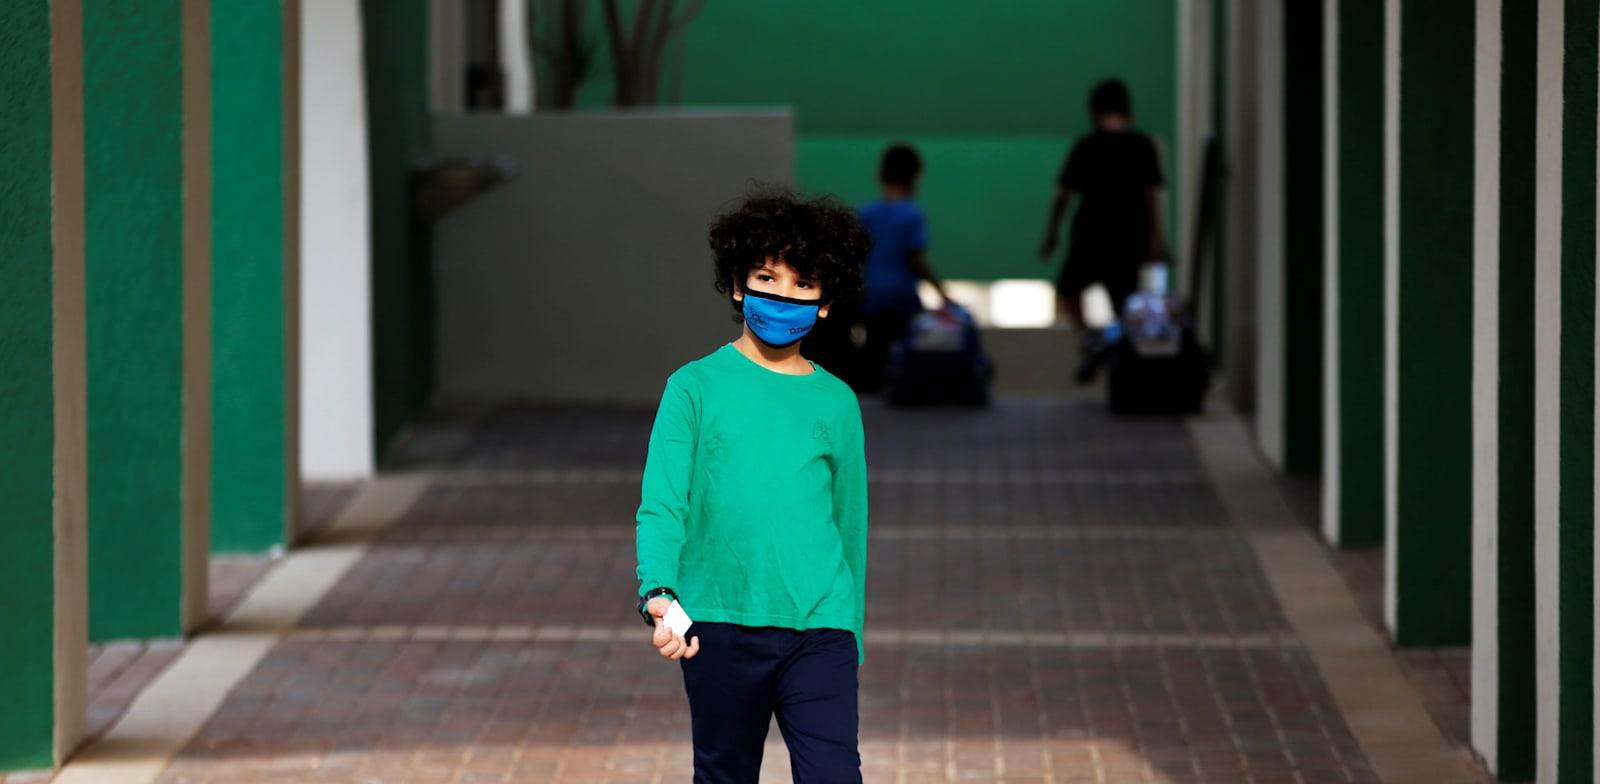 תלמיד בבית הספר לפני הסגר האחרון / צילום: Reuters, Ronen Zvulun